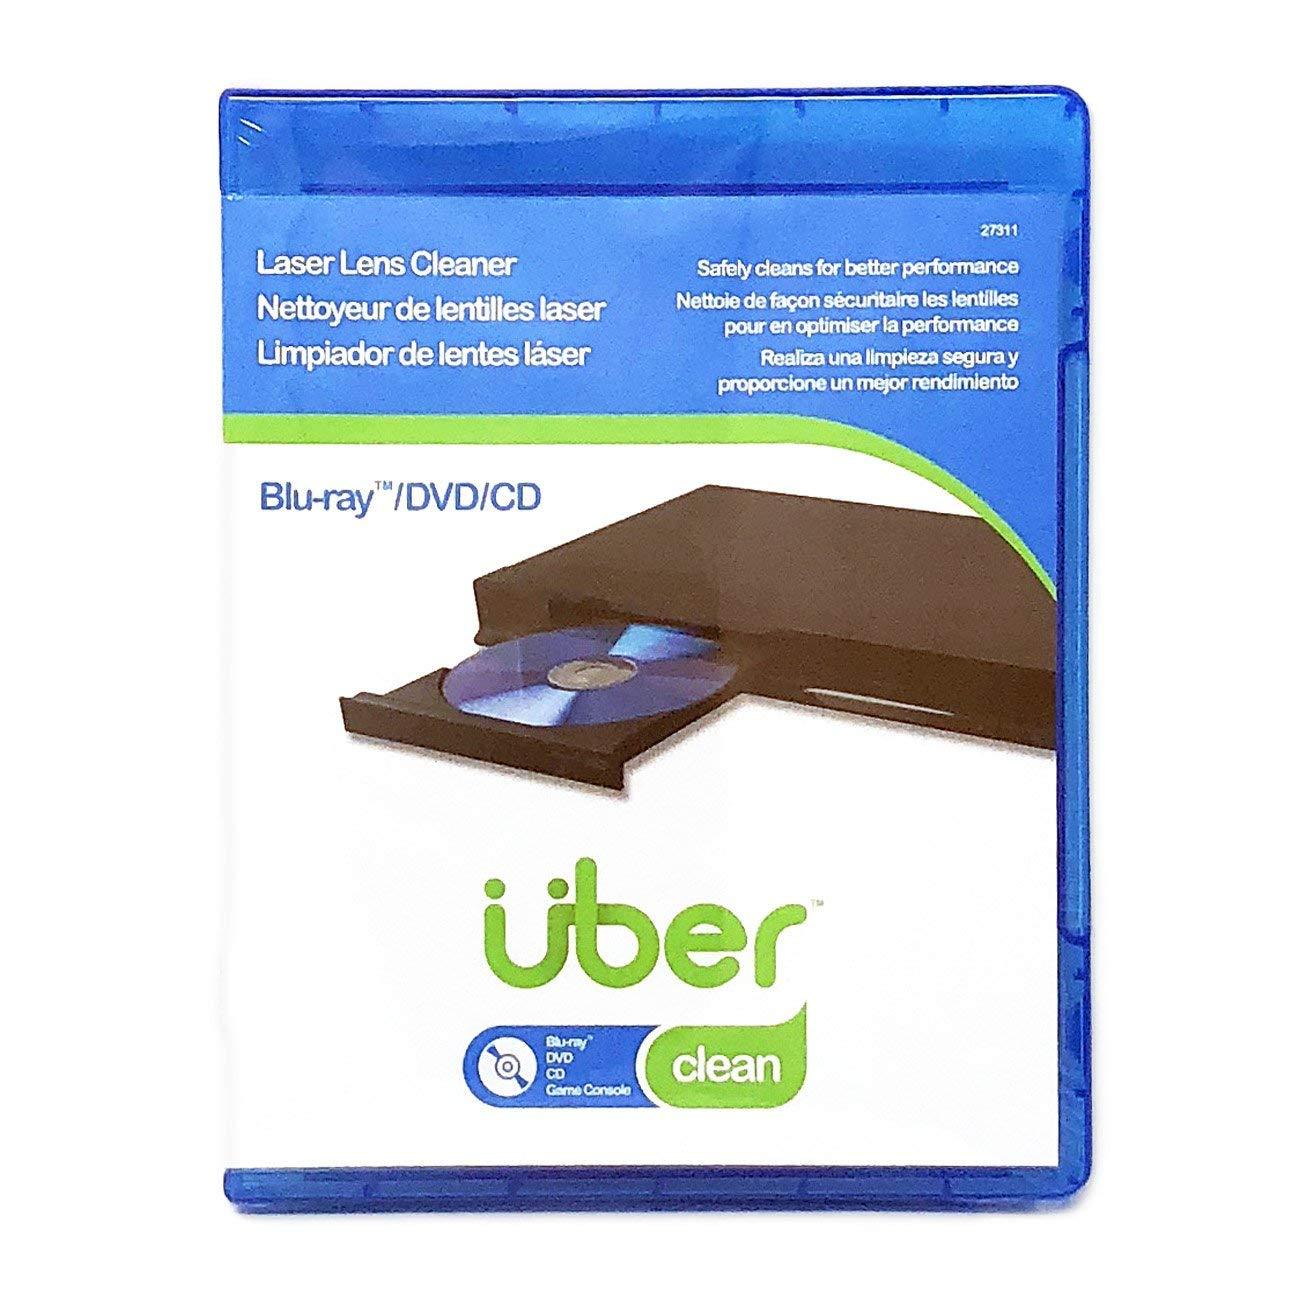 Laser Lens Cleaner